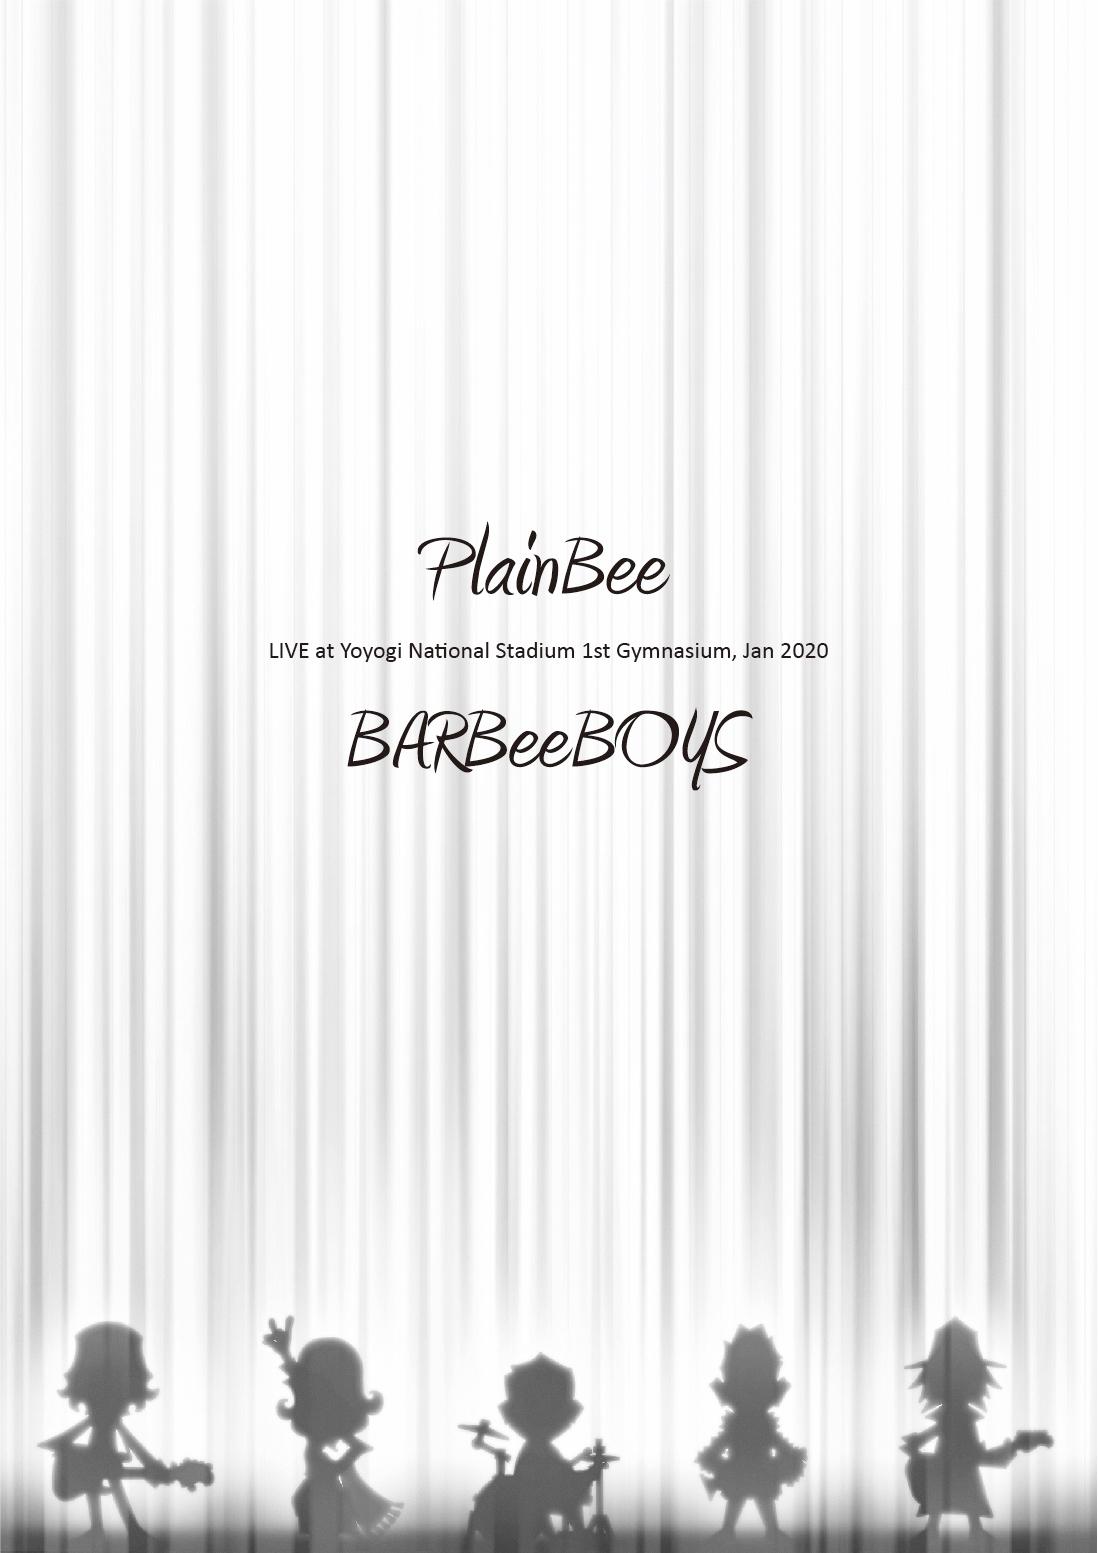 PlainBee